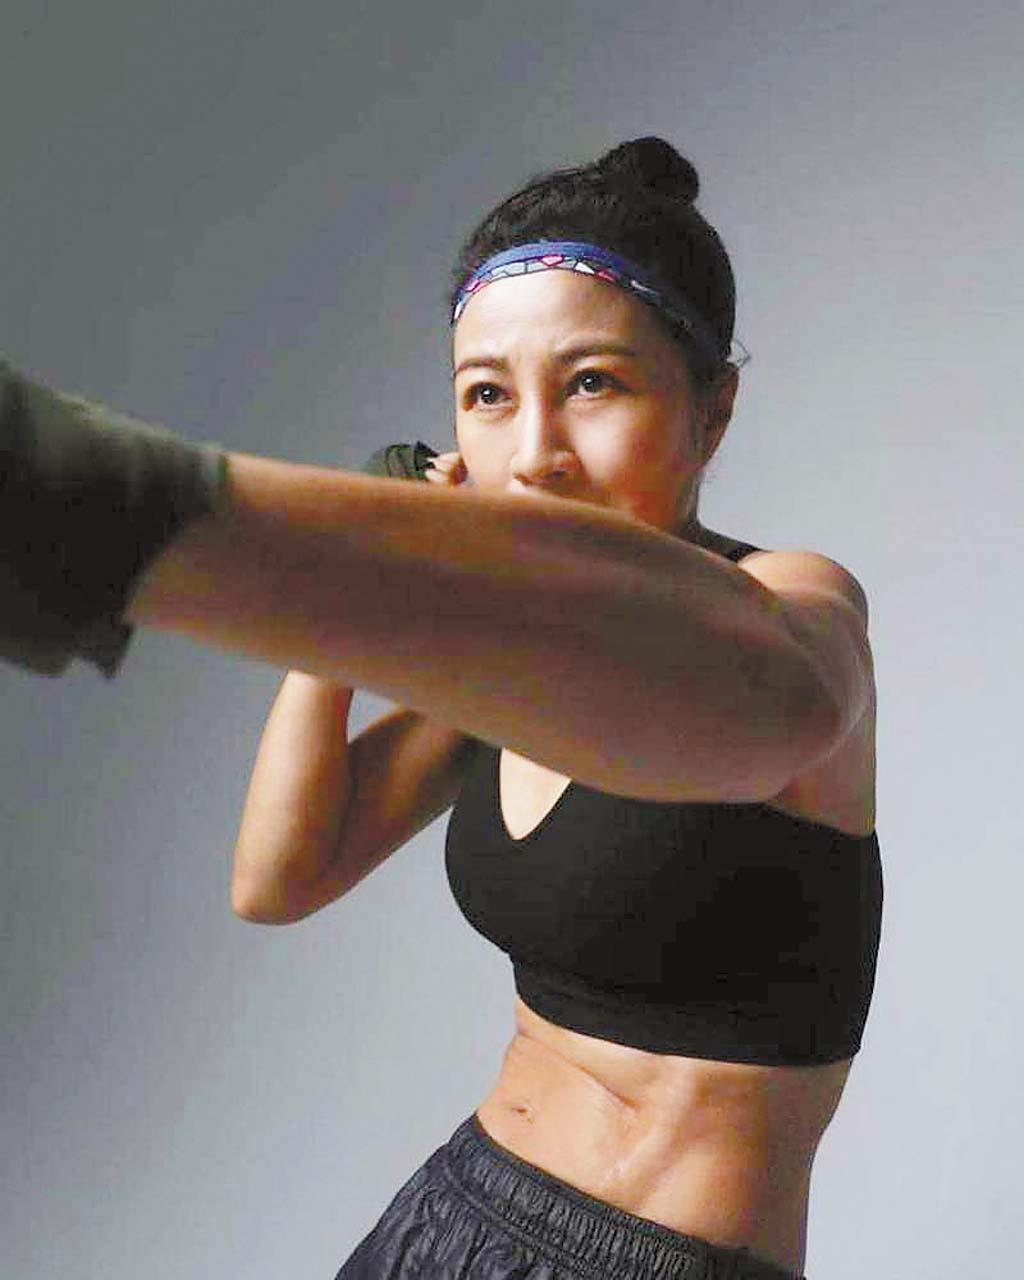 方文琳曬出拳擊照